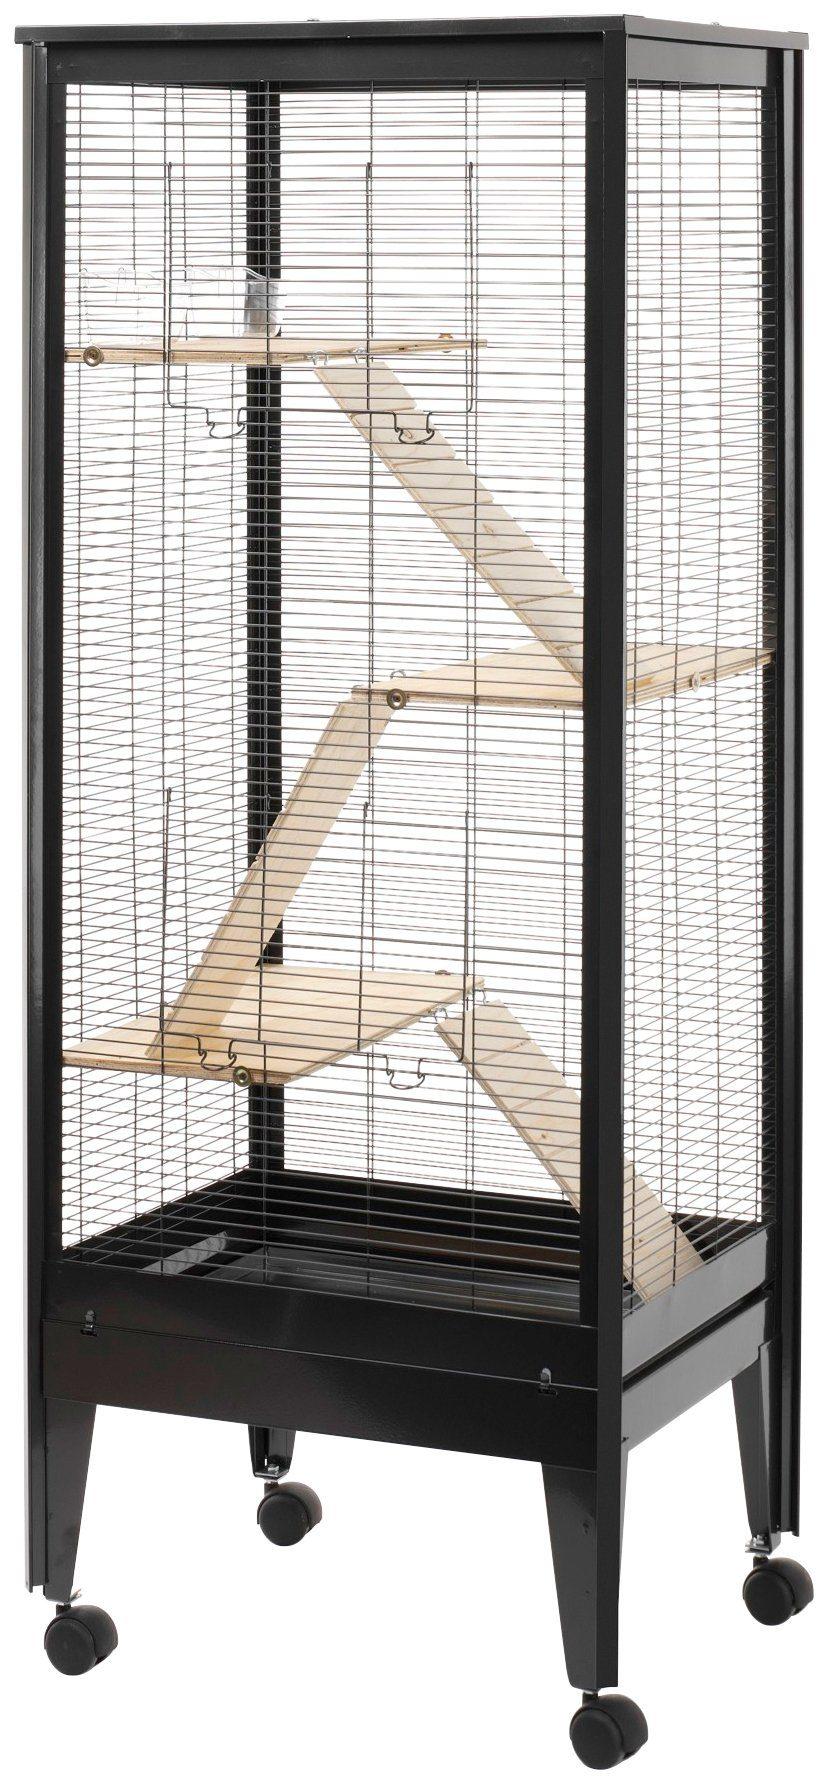 ROHRSCHNEIDER Kleintierkäfig »Mailand«, B/T/H: 59/47/150 cm, schwarz